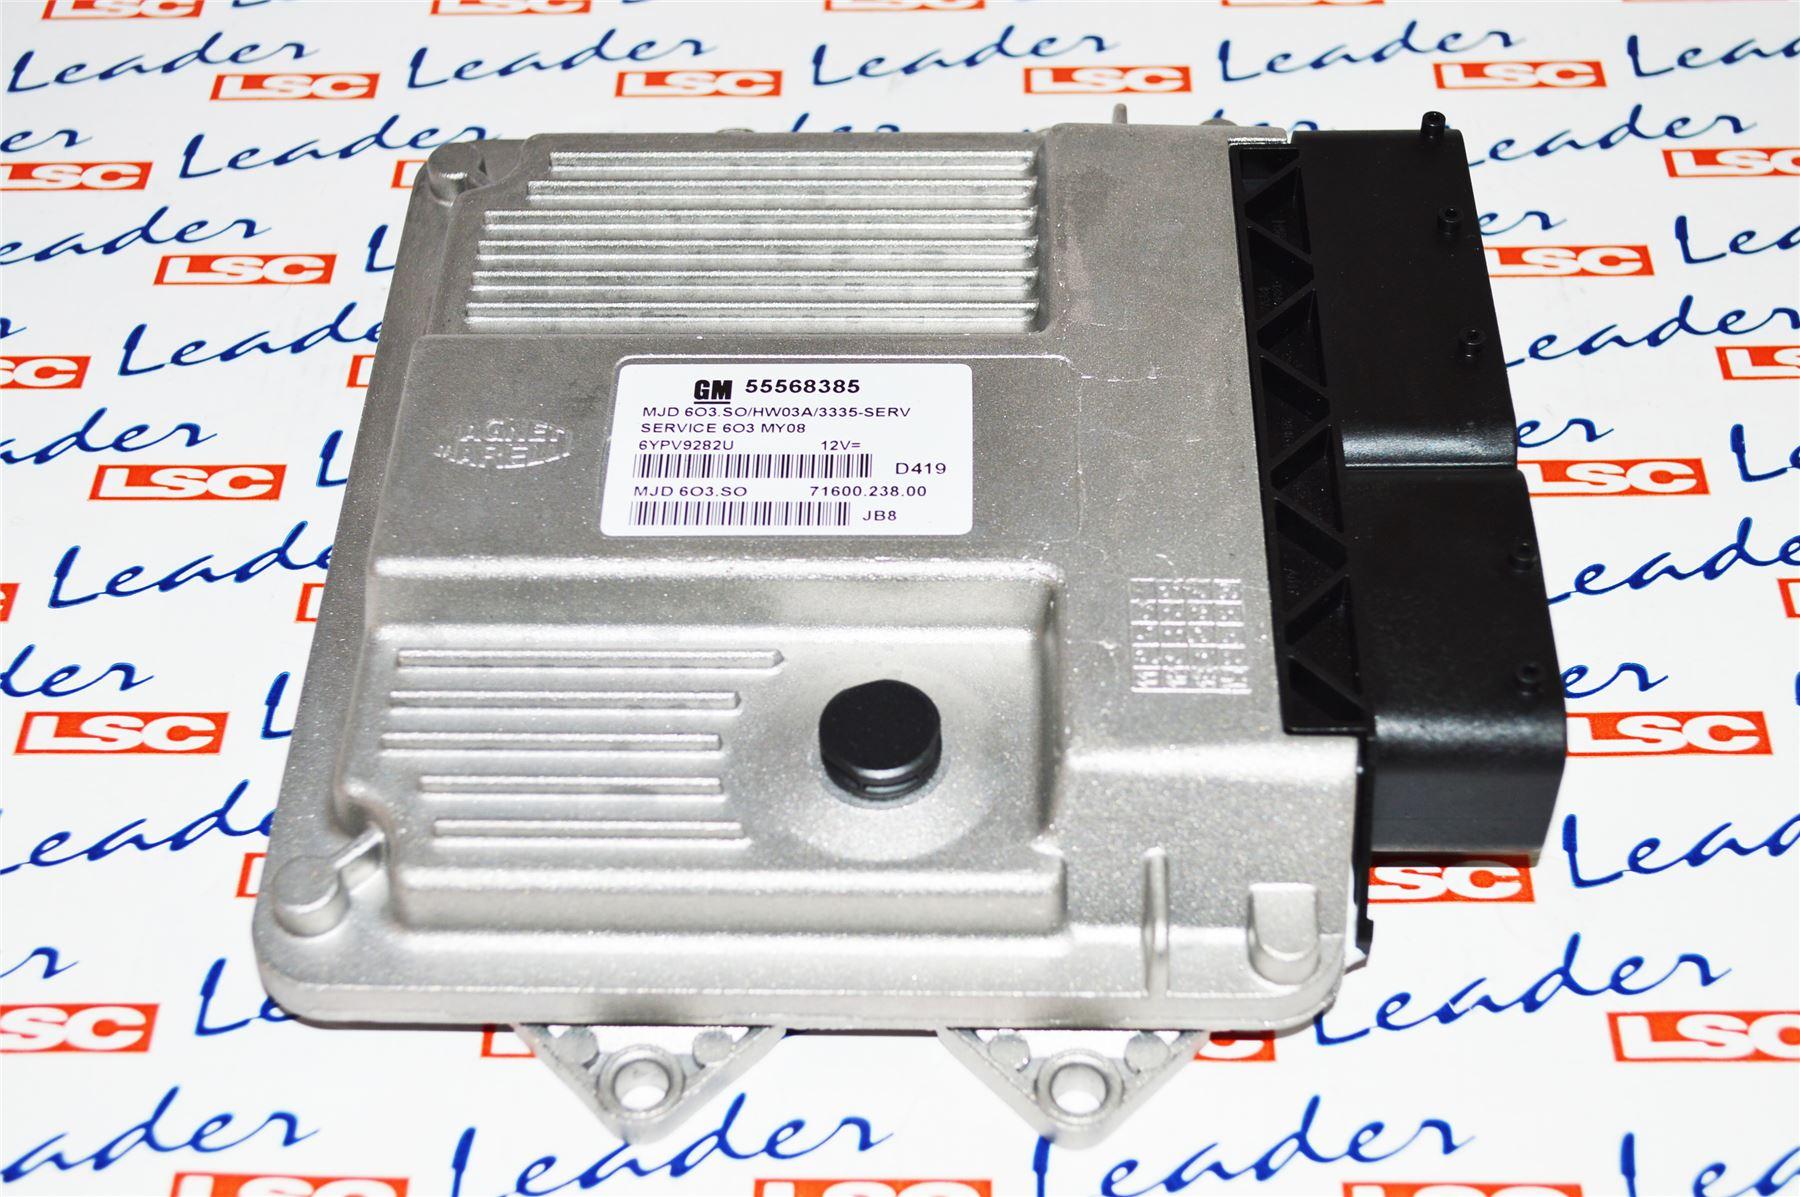 Details about GENUINE Vauxhall Corsa D 1 3 TD ECU / Engine Control Unit -  NEW - 55568385